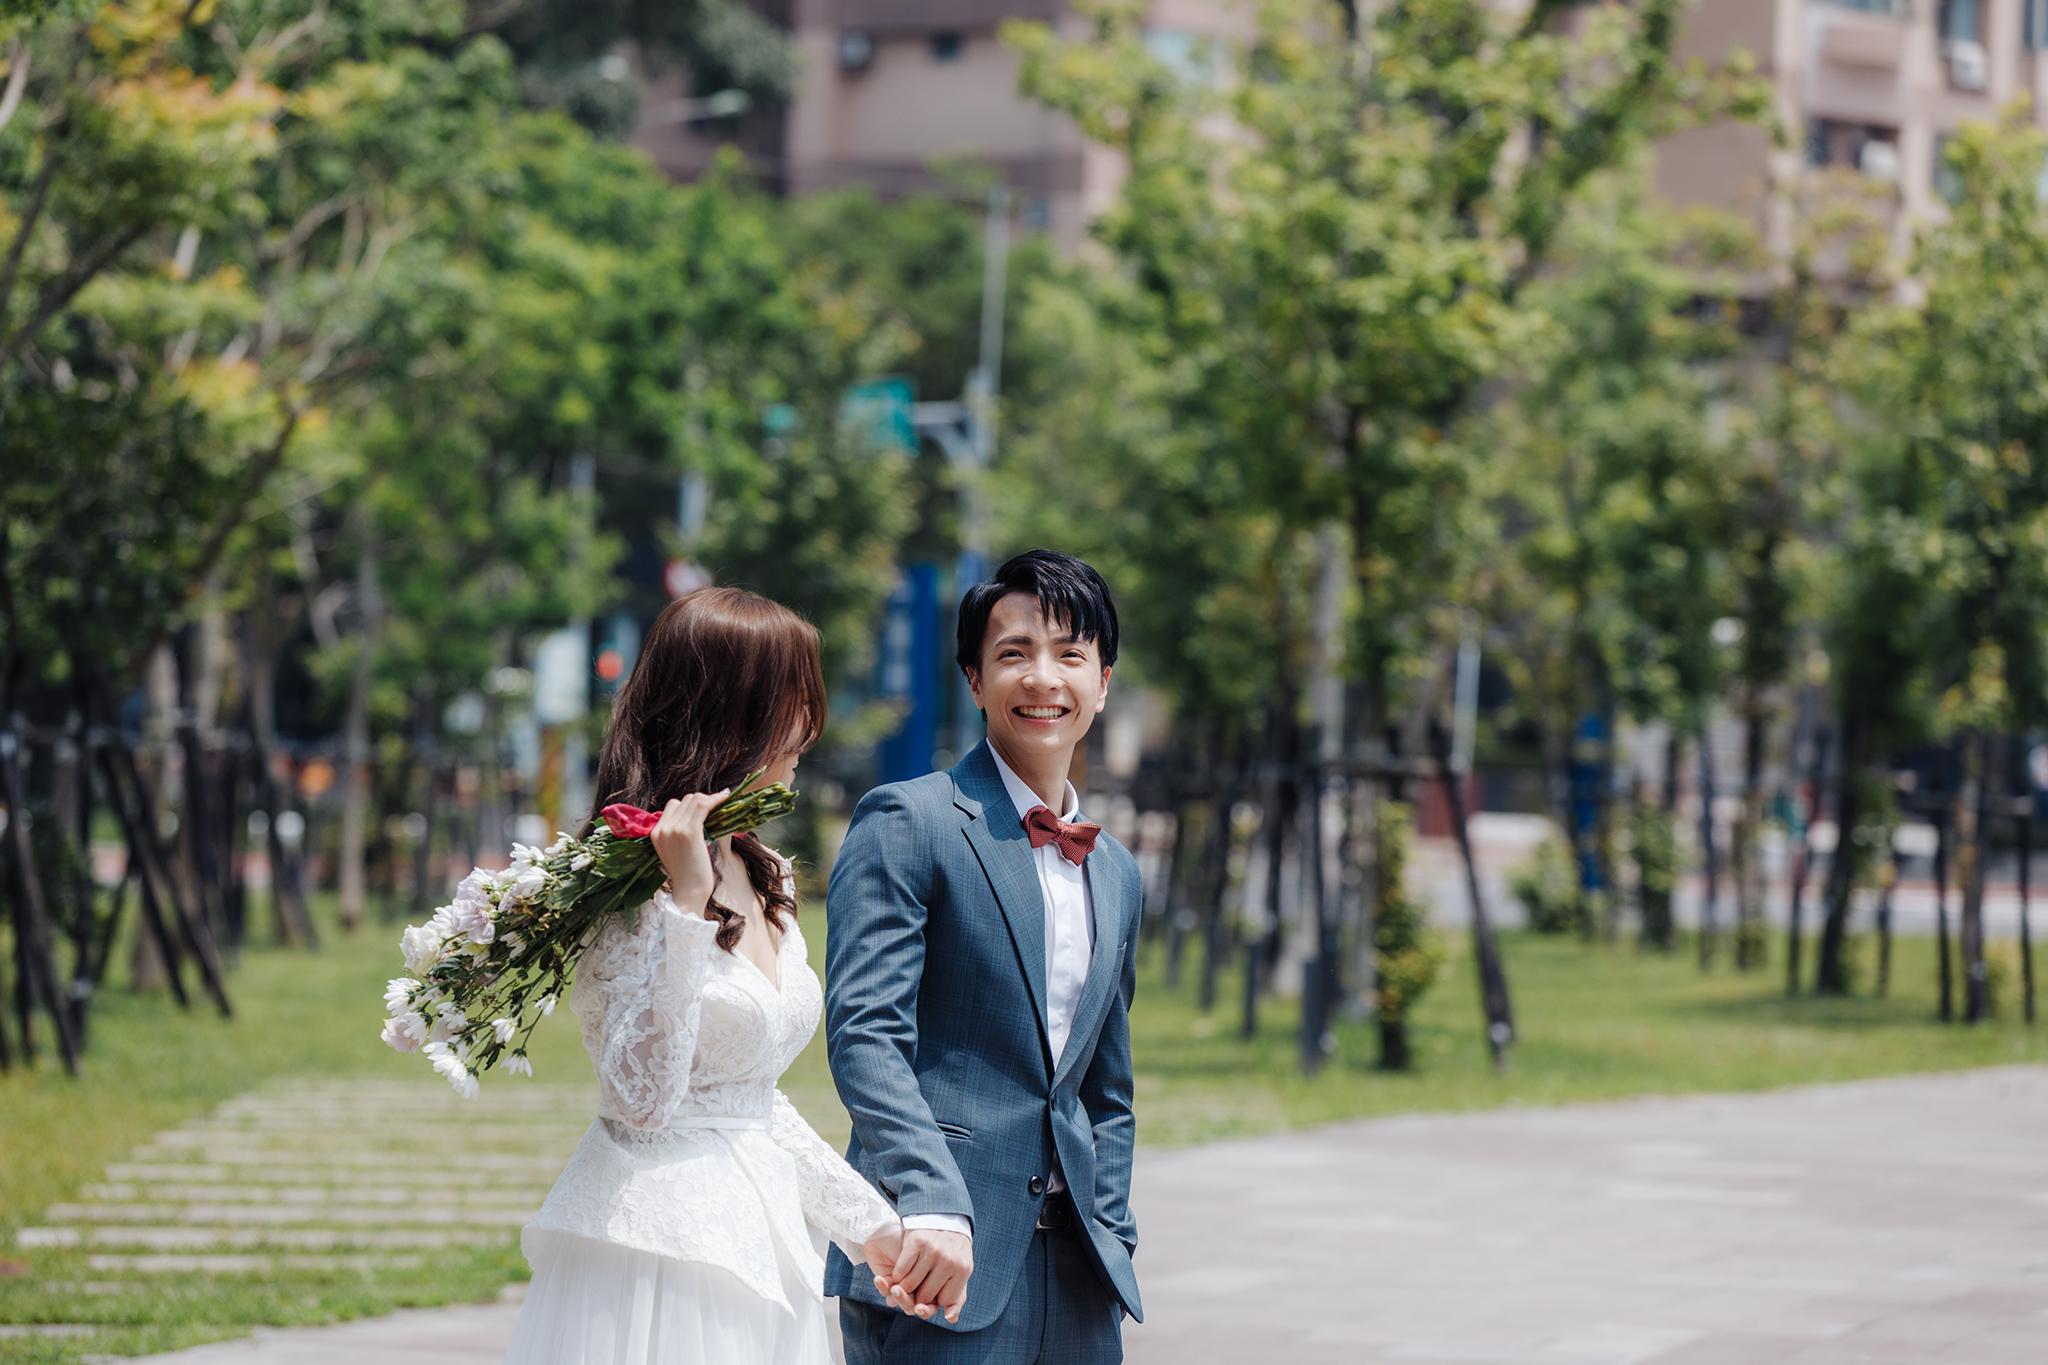 49923851617 83e641a1cd o - 【自主婚紗】+Calvin & Kaori+